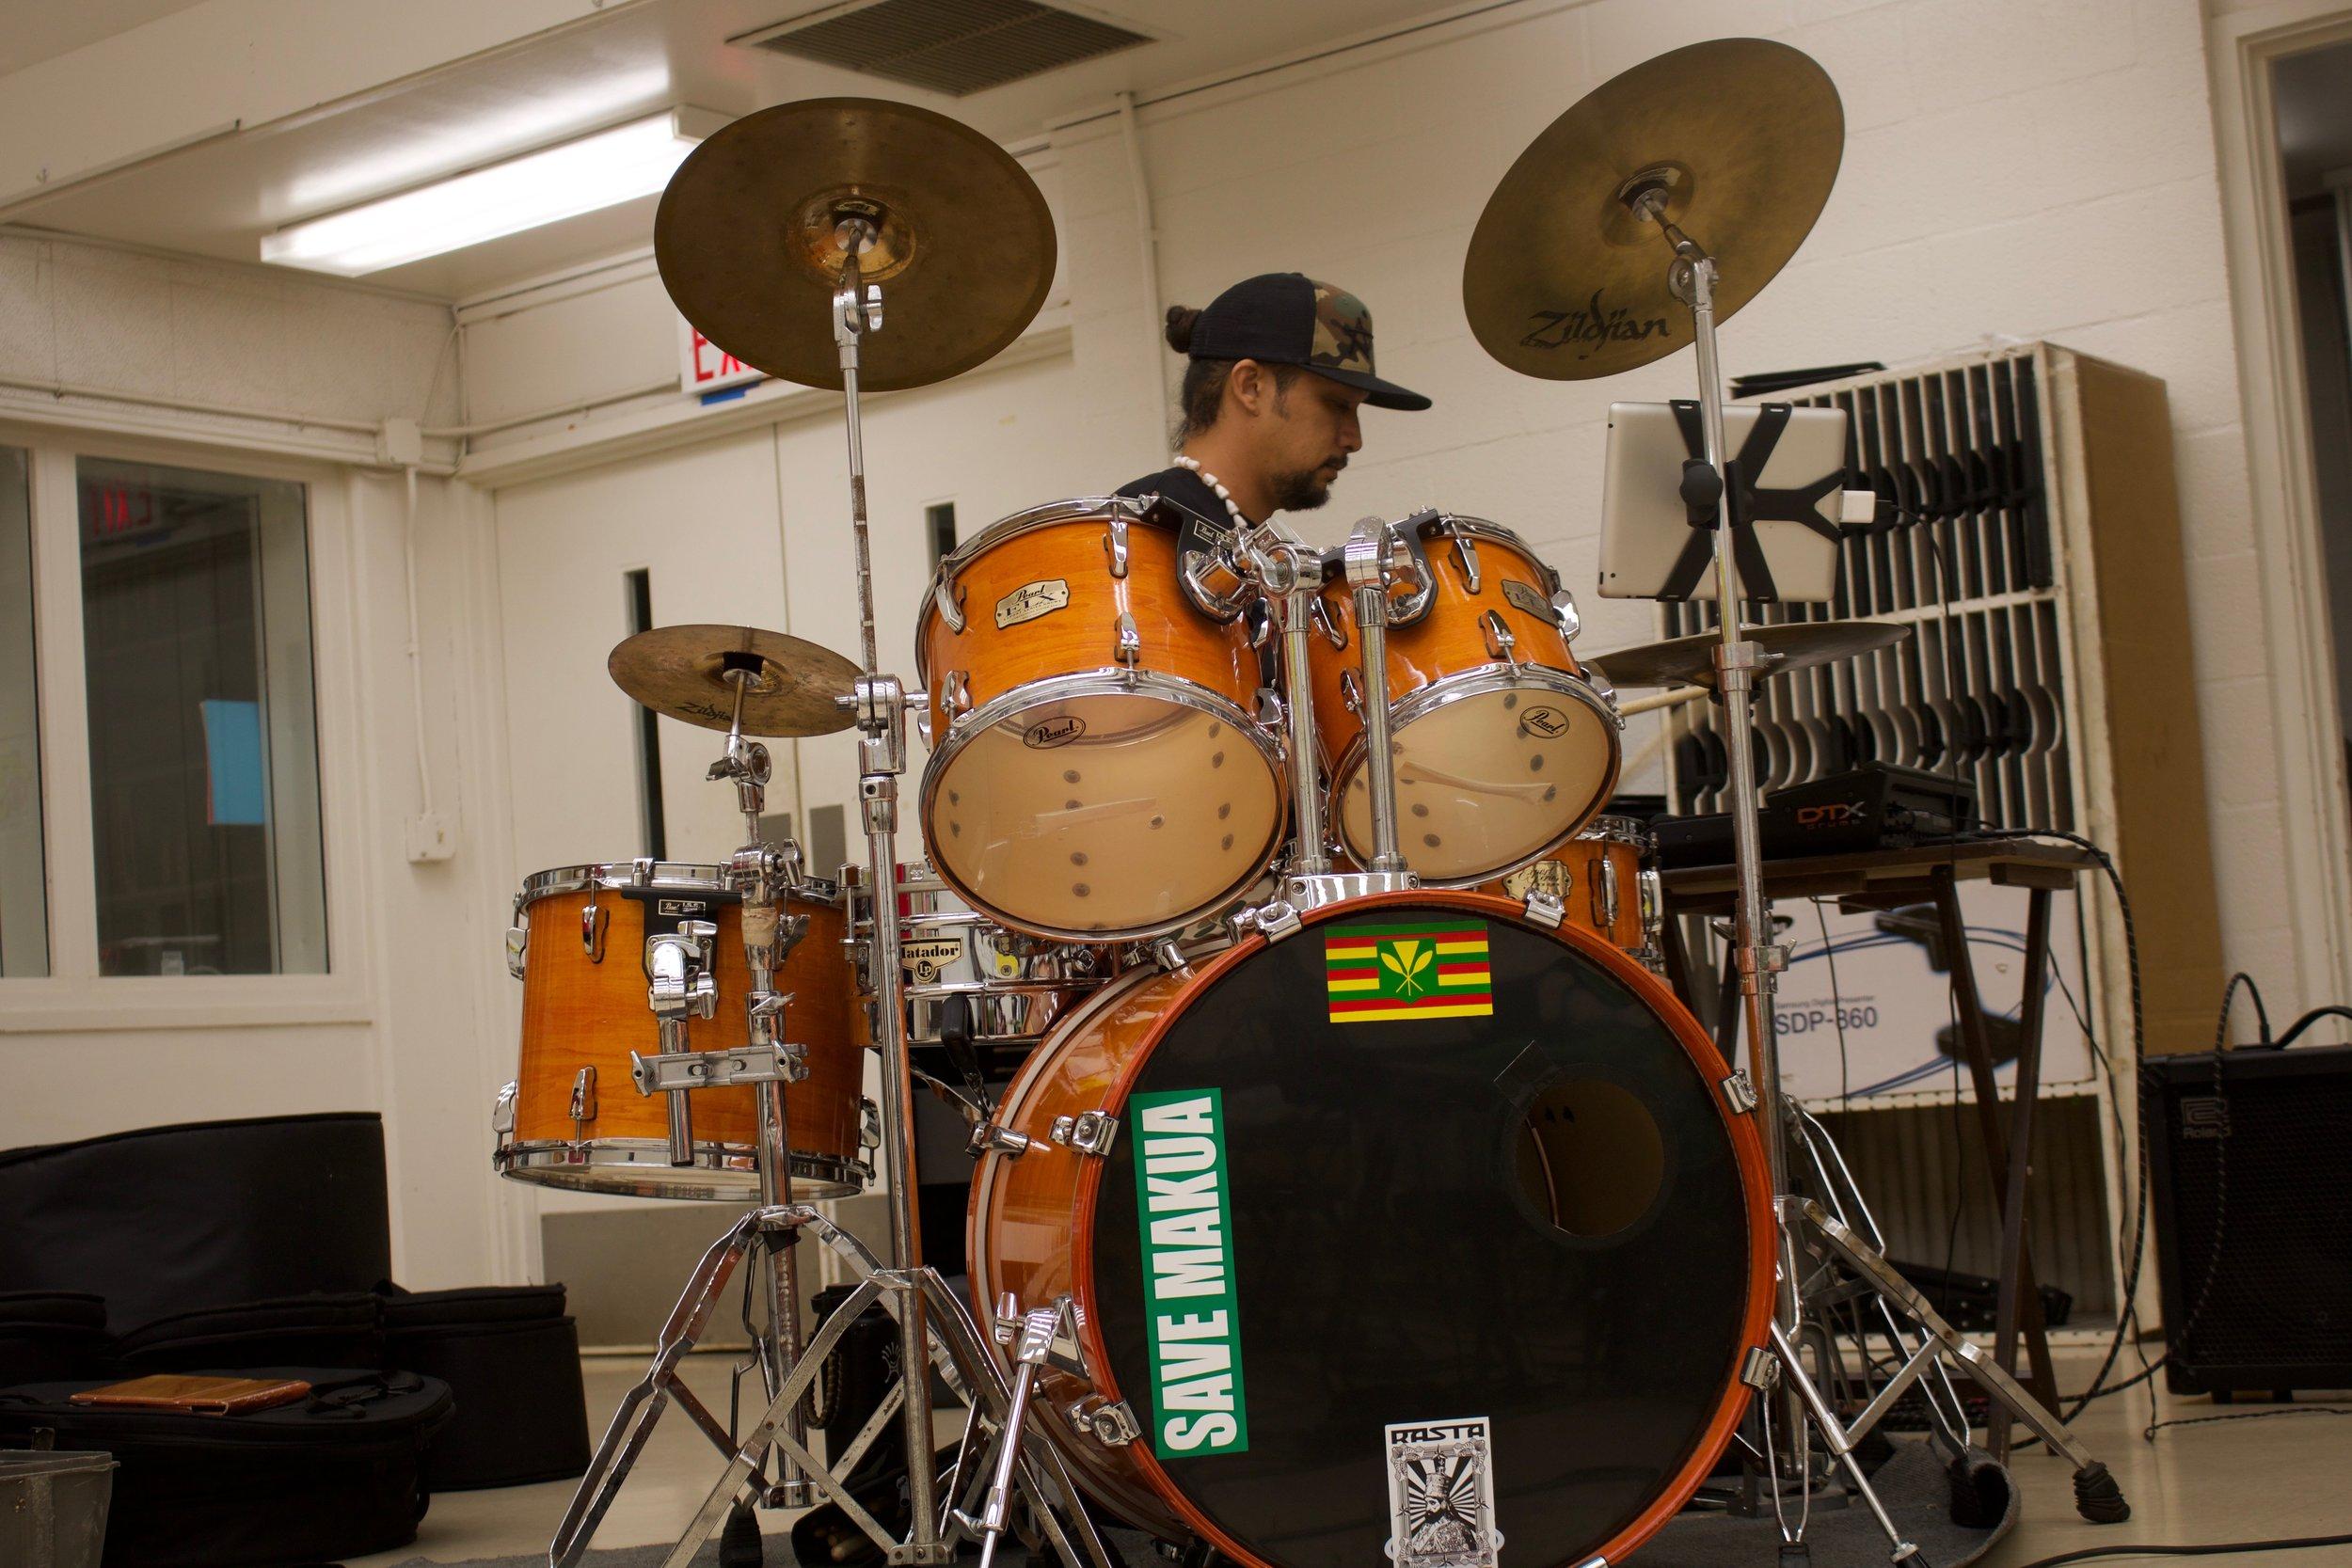 lloyd- Drummer